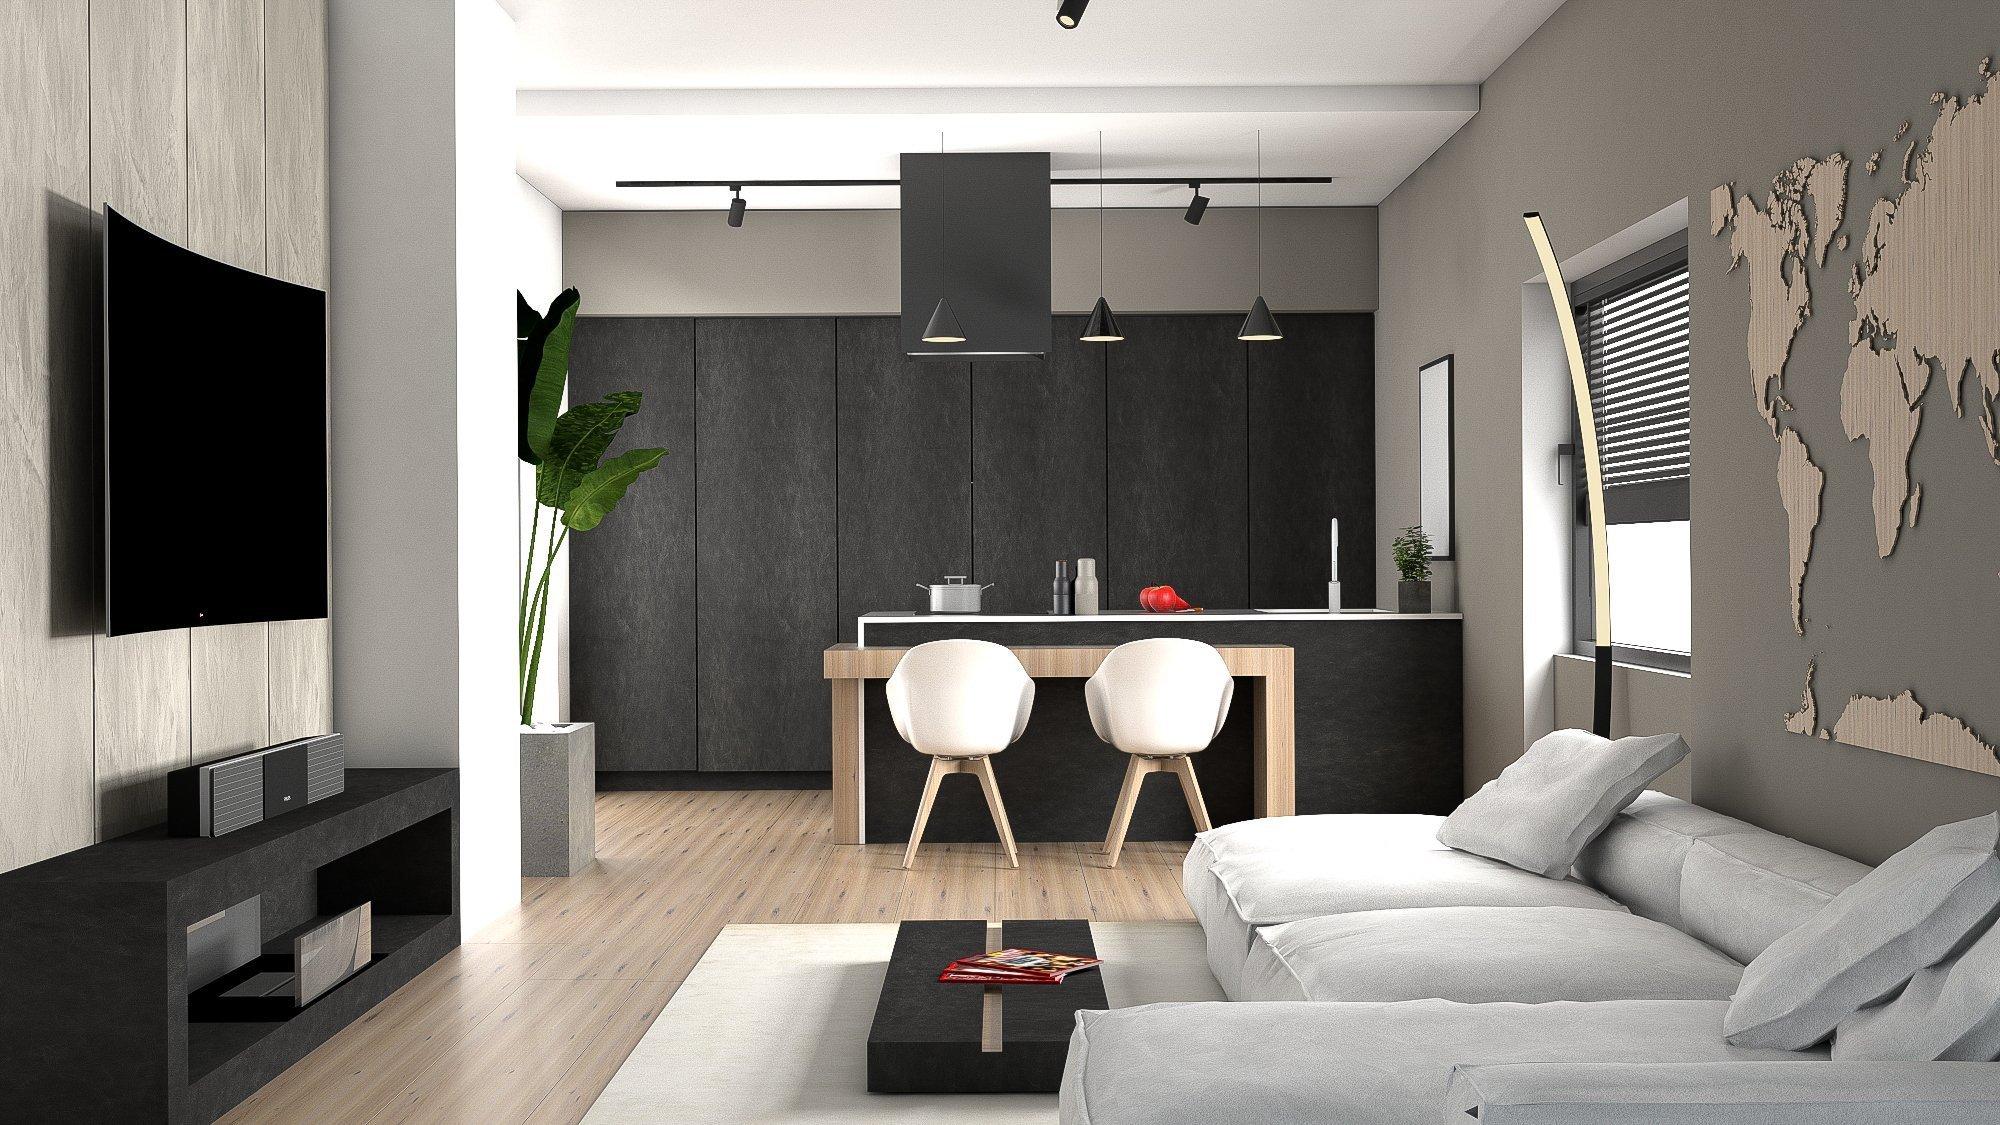 Ukázka naší práce designového návrhu kuchyňské linky s obývací částí. Dominantou prostoru je designová, minimalistická kuchyň. Vysoké zásuvné skříně nejen šetří místo, ale jsou i hezkým designovým prvkem nadčasové kuchyně. Vybavení je s veškerým komfortem. Za zásuvnými dveřmi, za kterými můžete nechat vše zmizet se nachází kuchyňské spotřebiče, úložné prostory pro potraviny, pracovní plocha, příprava pro volně stojící kávovar a mnoho prostoru se zásuvkami pro vybavení kuchyně. Při otevření dveří se otevře pohled na to, co je za nimi skryto: dokonale zorganizovaná kuchyně, kde vše, má své místo. Součástí pracovní desky je dřez z Corianu. Ponechali jsme zde dostatek pracovní plochy a své místo má i indukční deska. Barový stoleček, který je také součástí kuchyňského ostrůvku jsme navrhli ve vhodné výšce pro umístění klasických, pohodlných jídelních židlí.